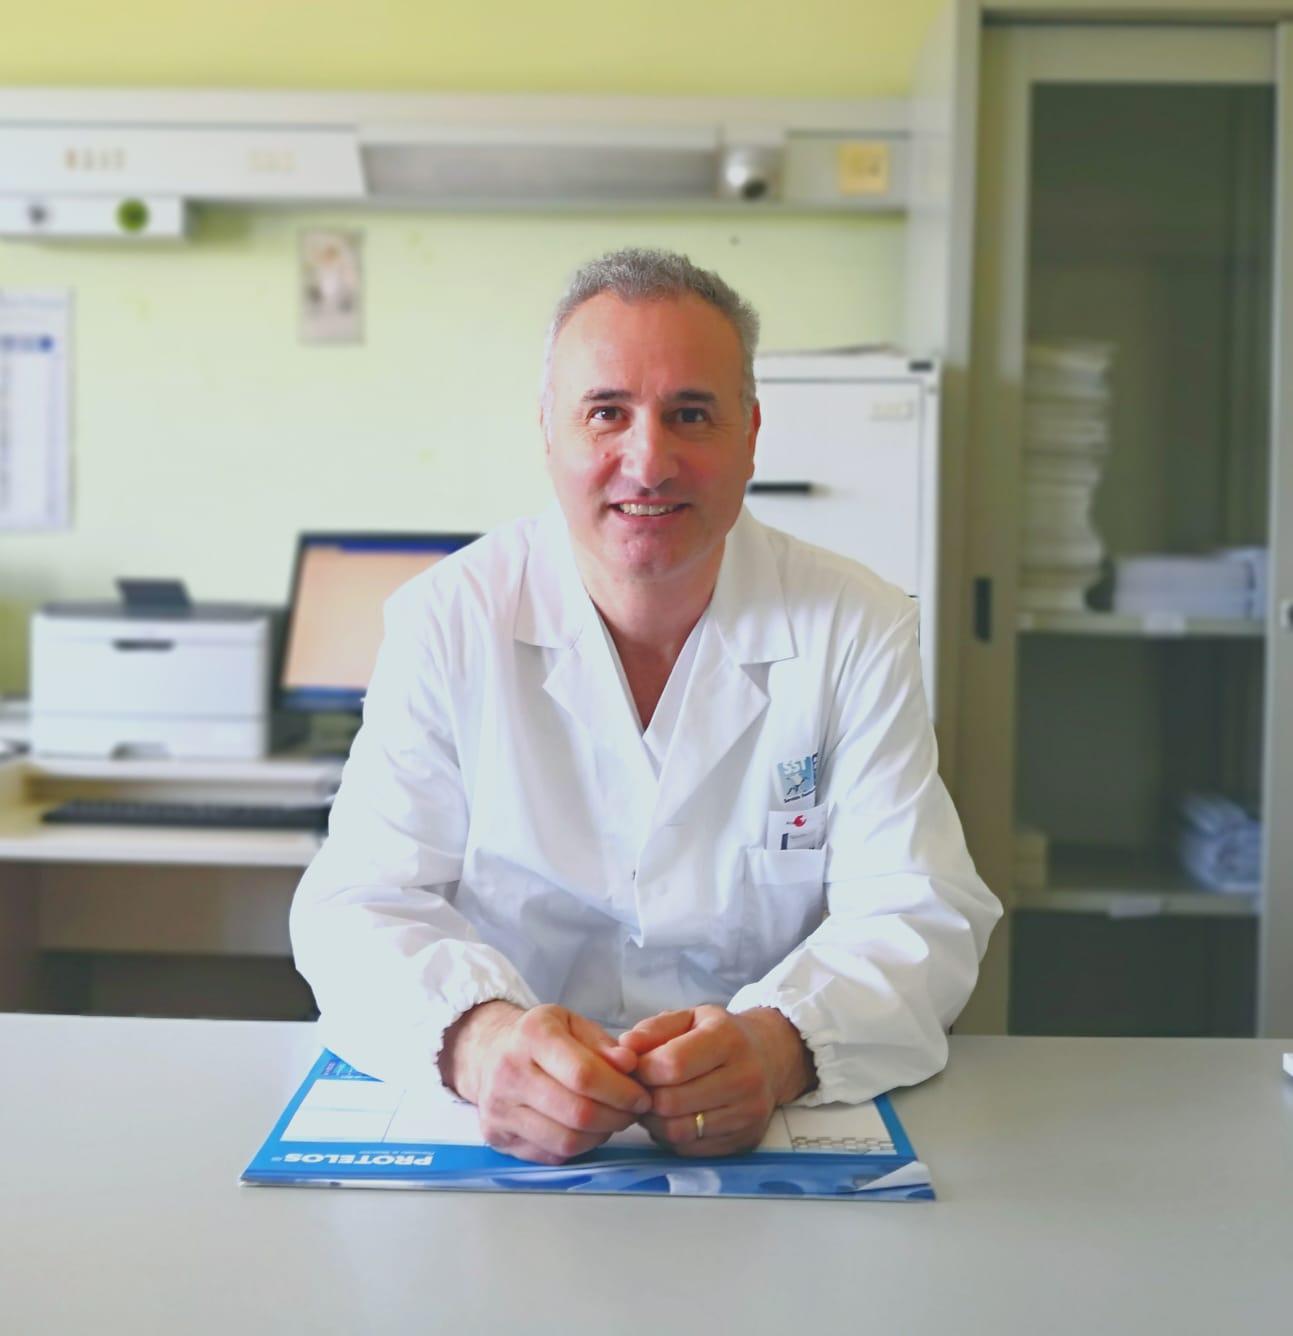 """Chirurgia protesica, incarico per Marco Mocchi all'ospedale """"Santa Margherita"""""""